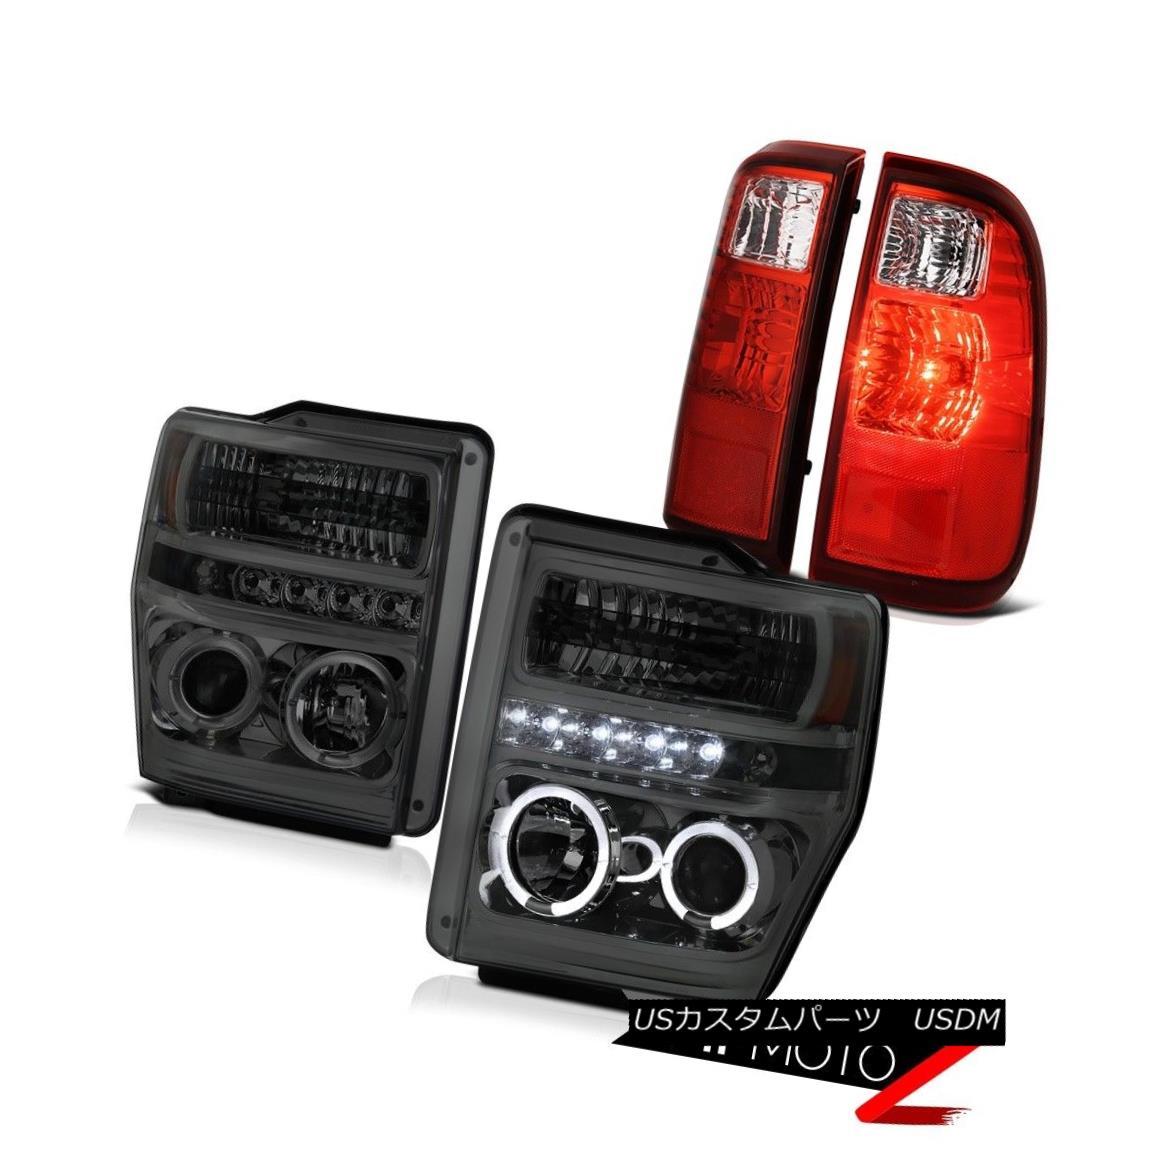 テールライト 2008-2009-2010 Ford F250 F350 F450 SuperDuty Smoke Halo Headlight RED Tail Lamps 2008-2009-2010 Ford F250 F350 F450 SuperDutyスモークハローヘッドライトREDテールランプ